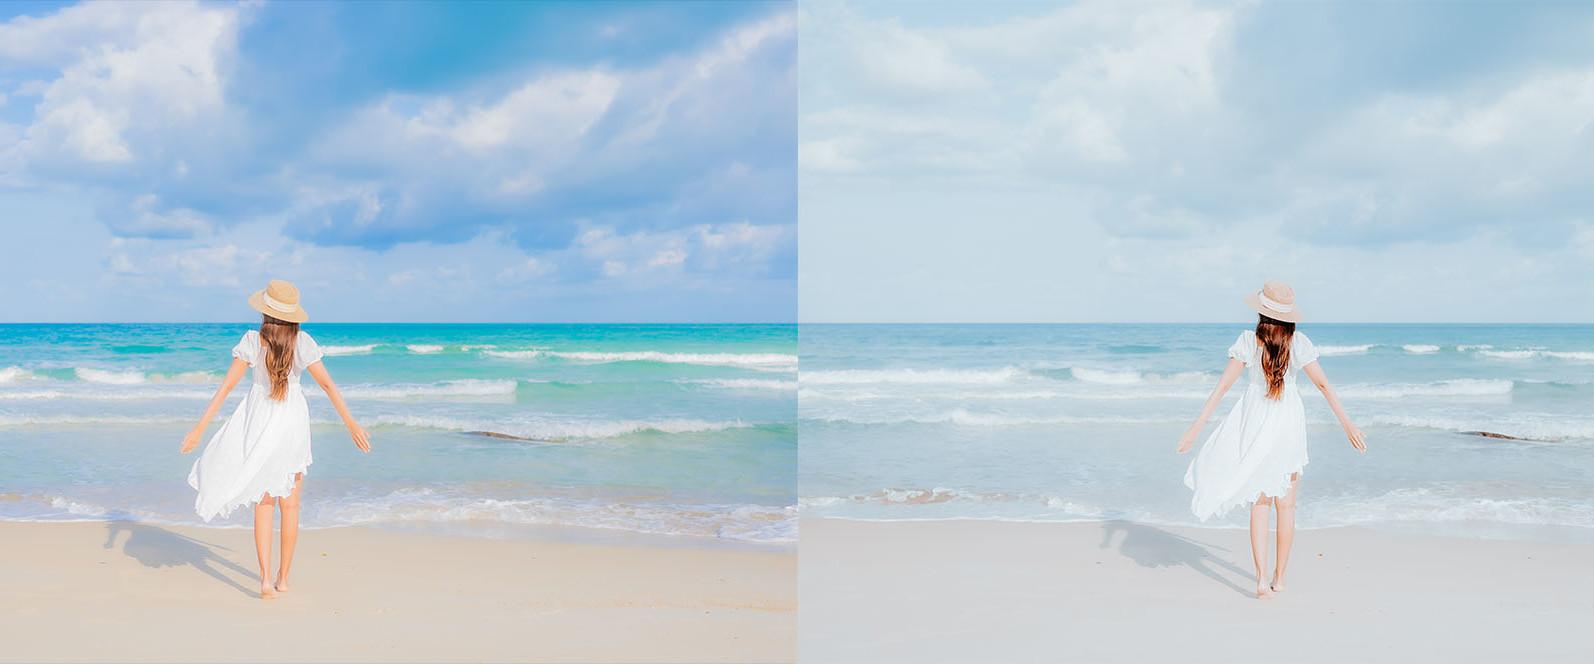 BUNDLE /// 281 x Lightroom Presets for Desktop // 24 Packs // Desktop and Mobile - 10 Pastel Beach 1 -